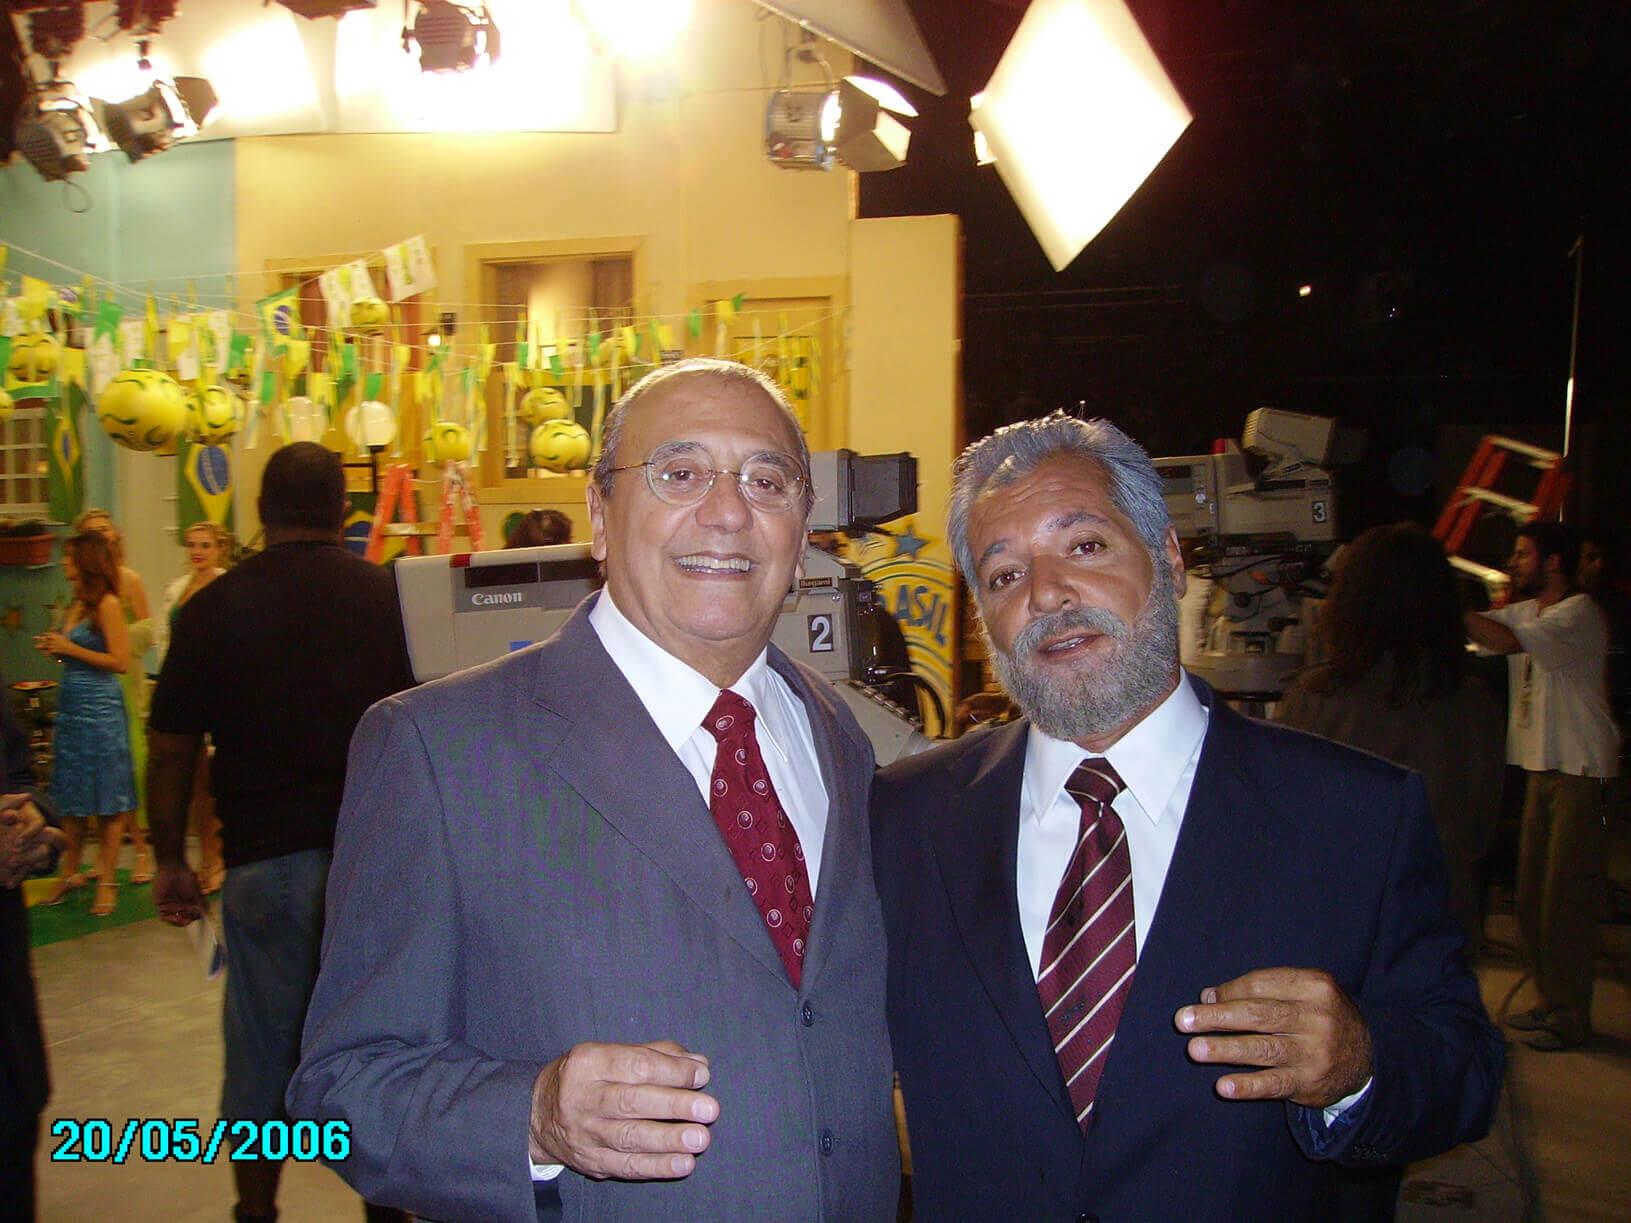 Damascenocom (Lula) com Agildo Ribeiro (Maluf) no Zorra Tota_KBbXYb